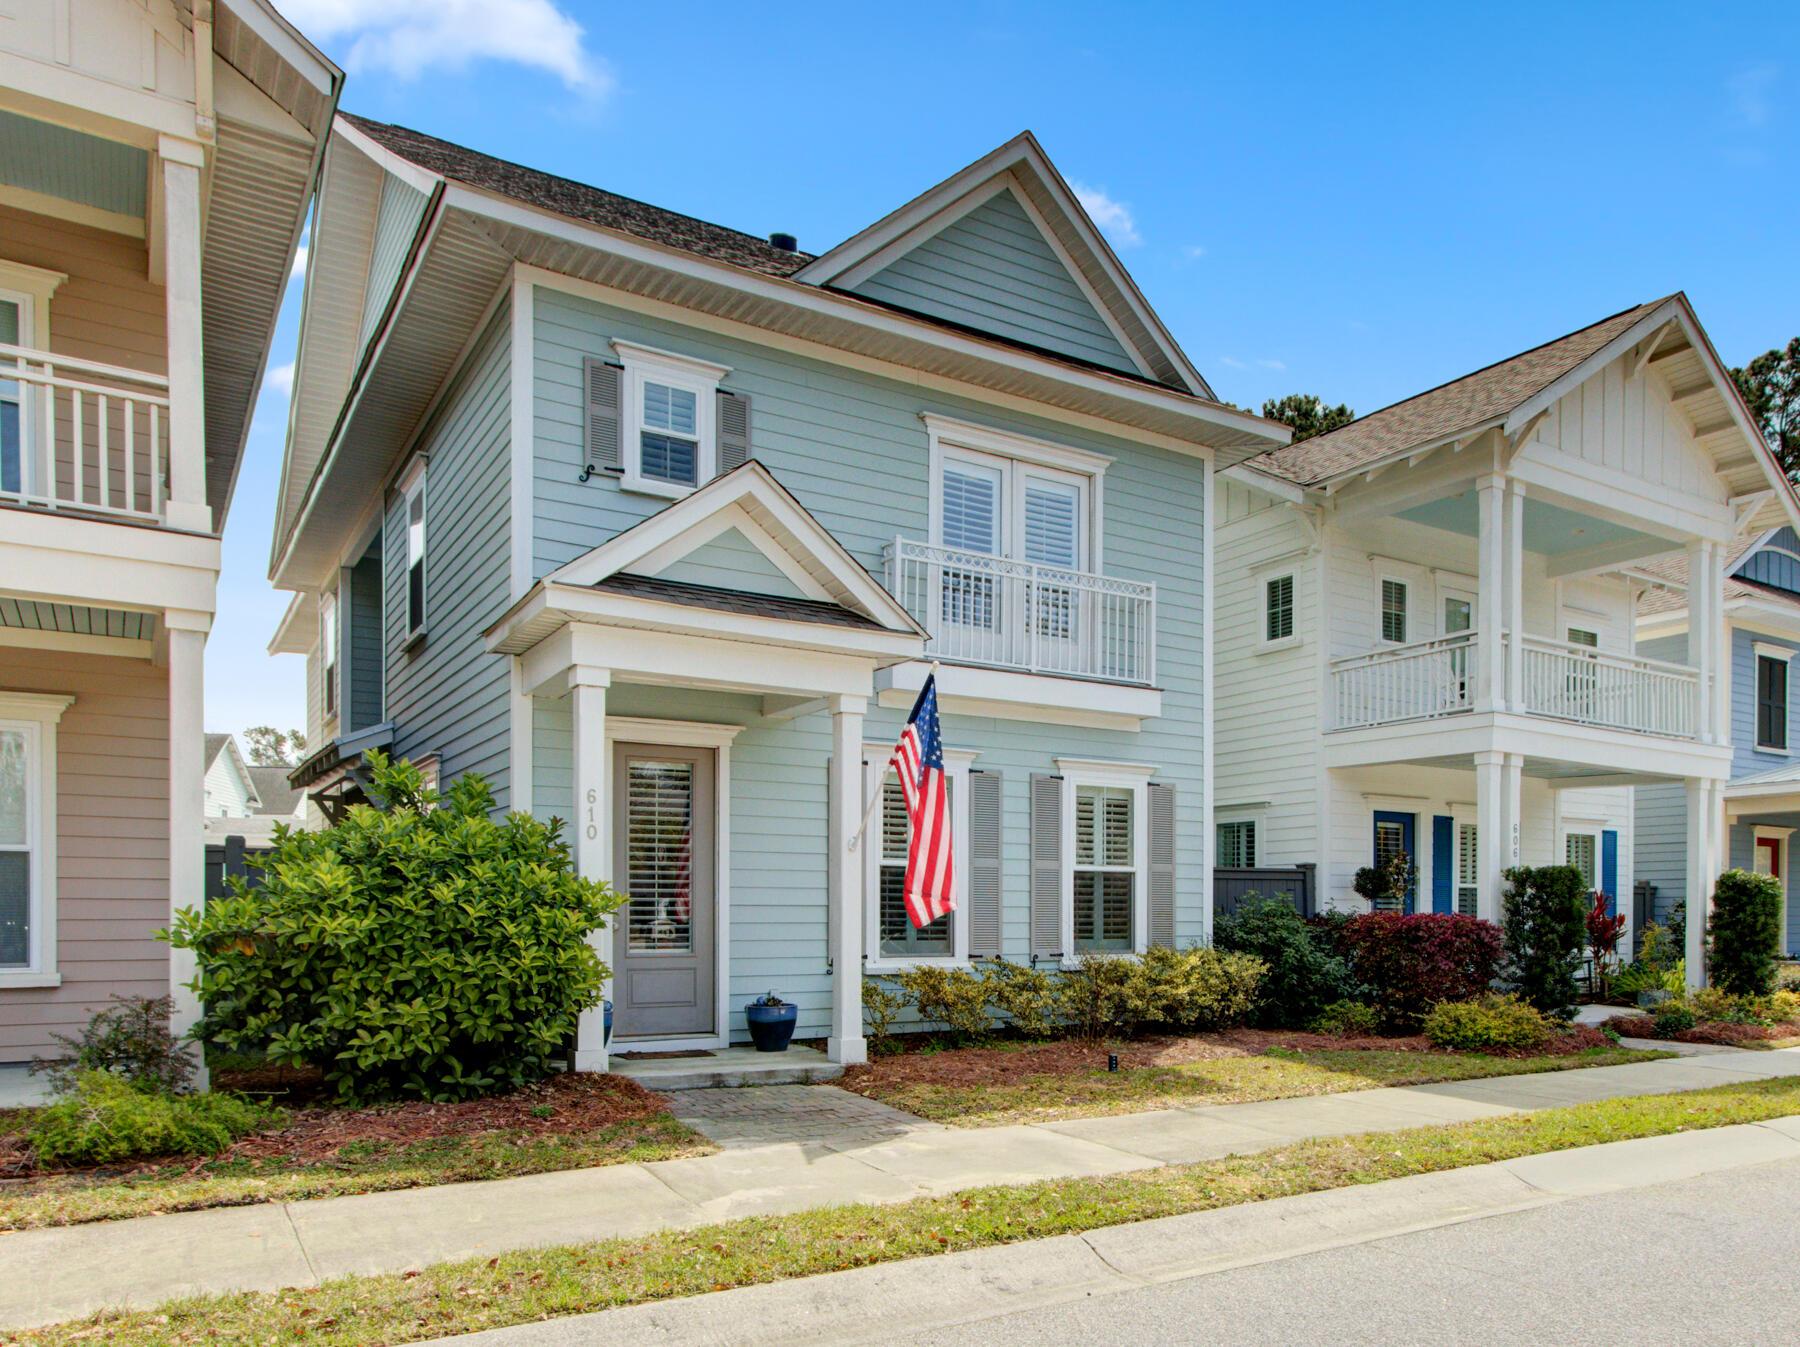 Moultrie Park Homes For Sale - 610 Ellingson, Mount Pleasant, SC - 26